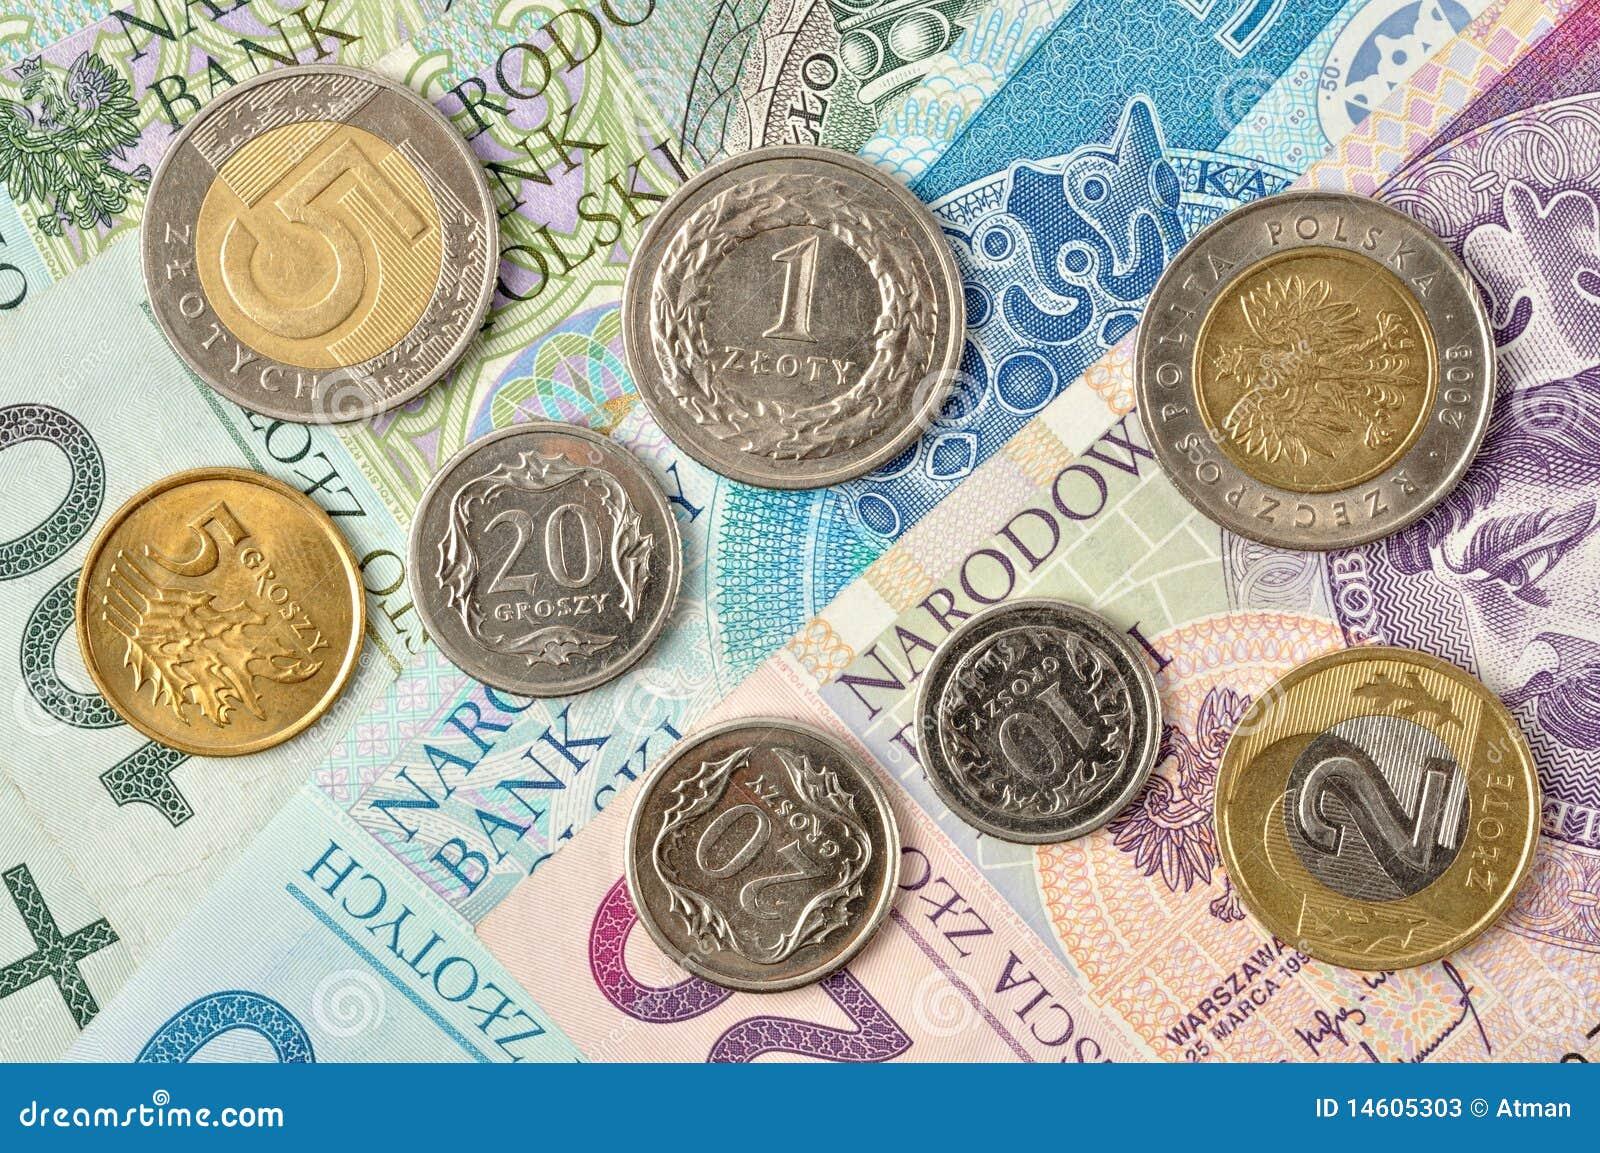 Polnisches Geld Zloty Banknoten Und Münzen Stock Images 59 Photos